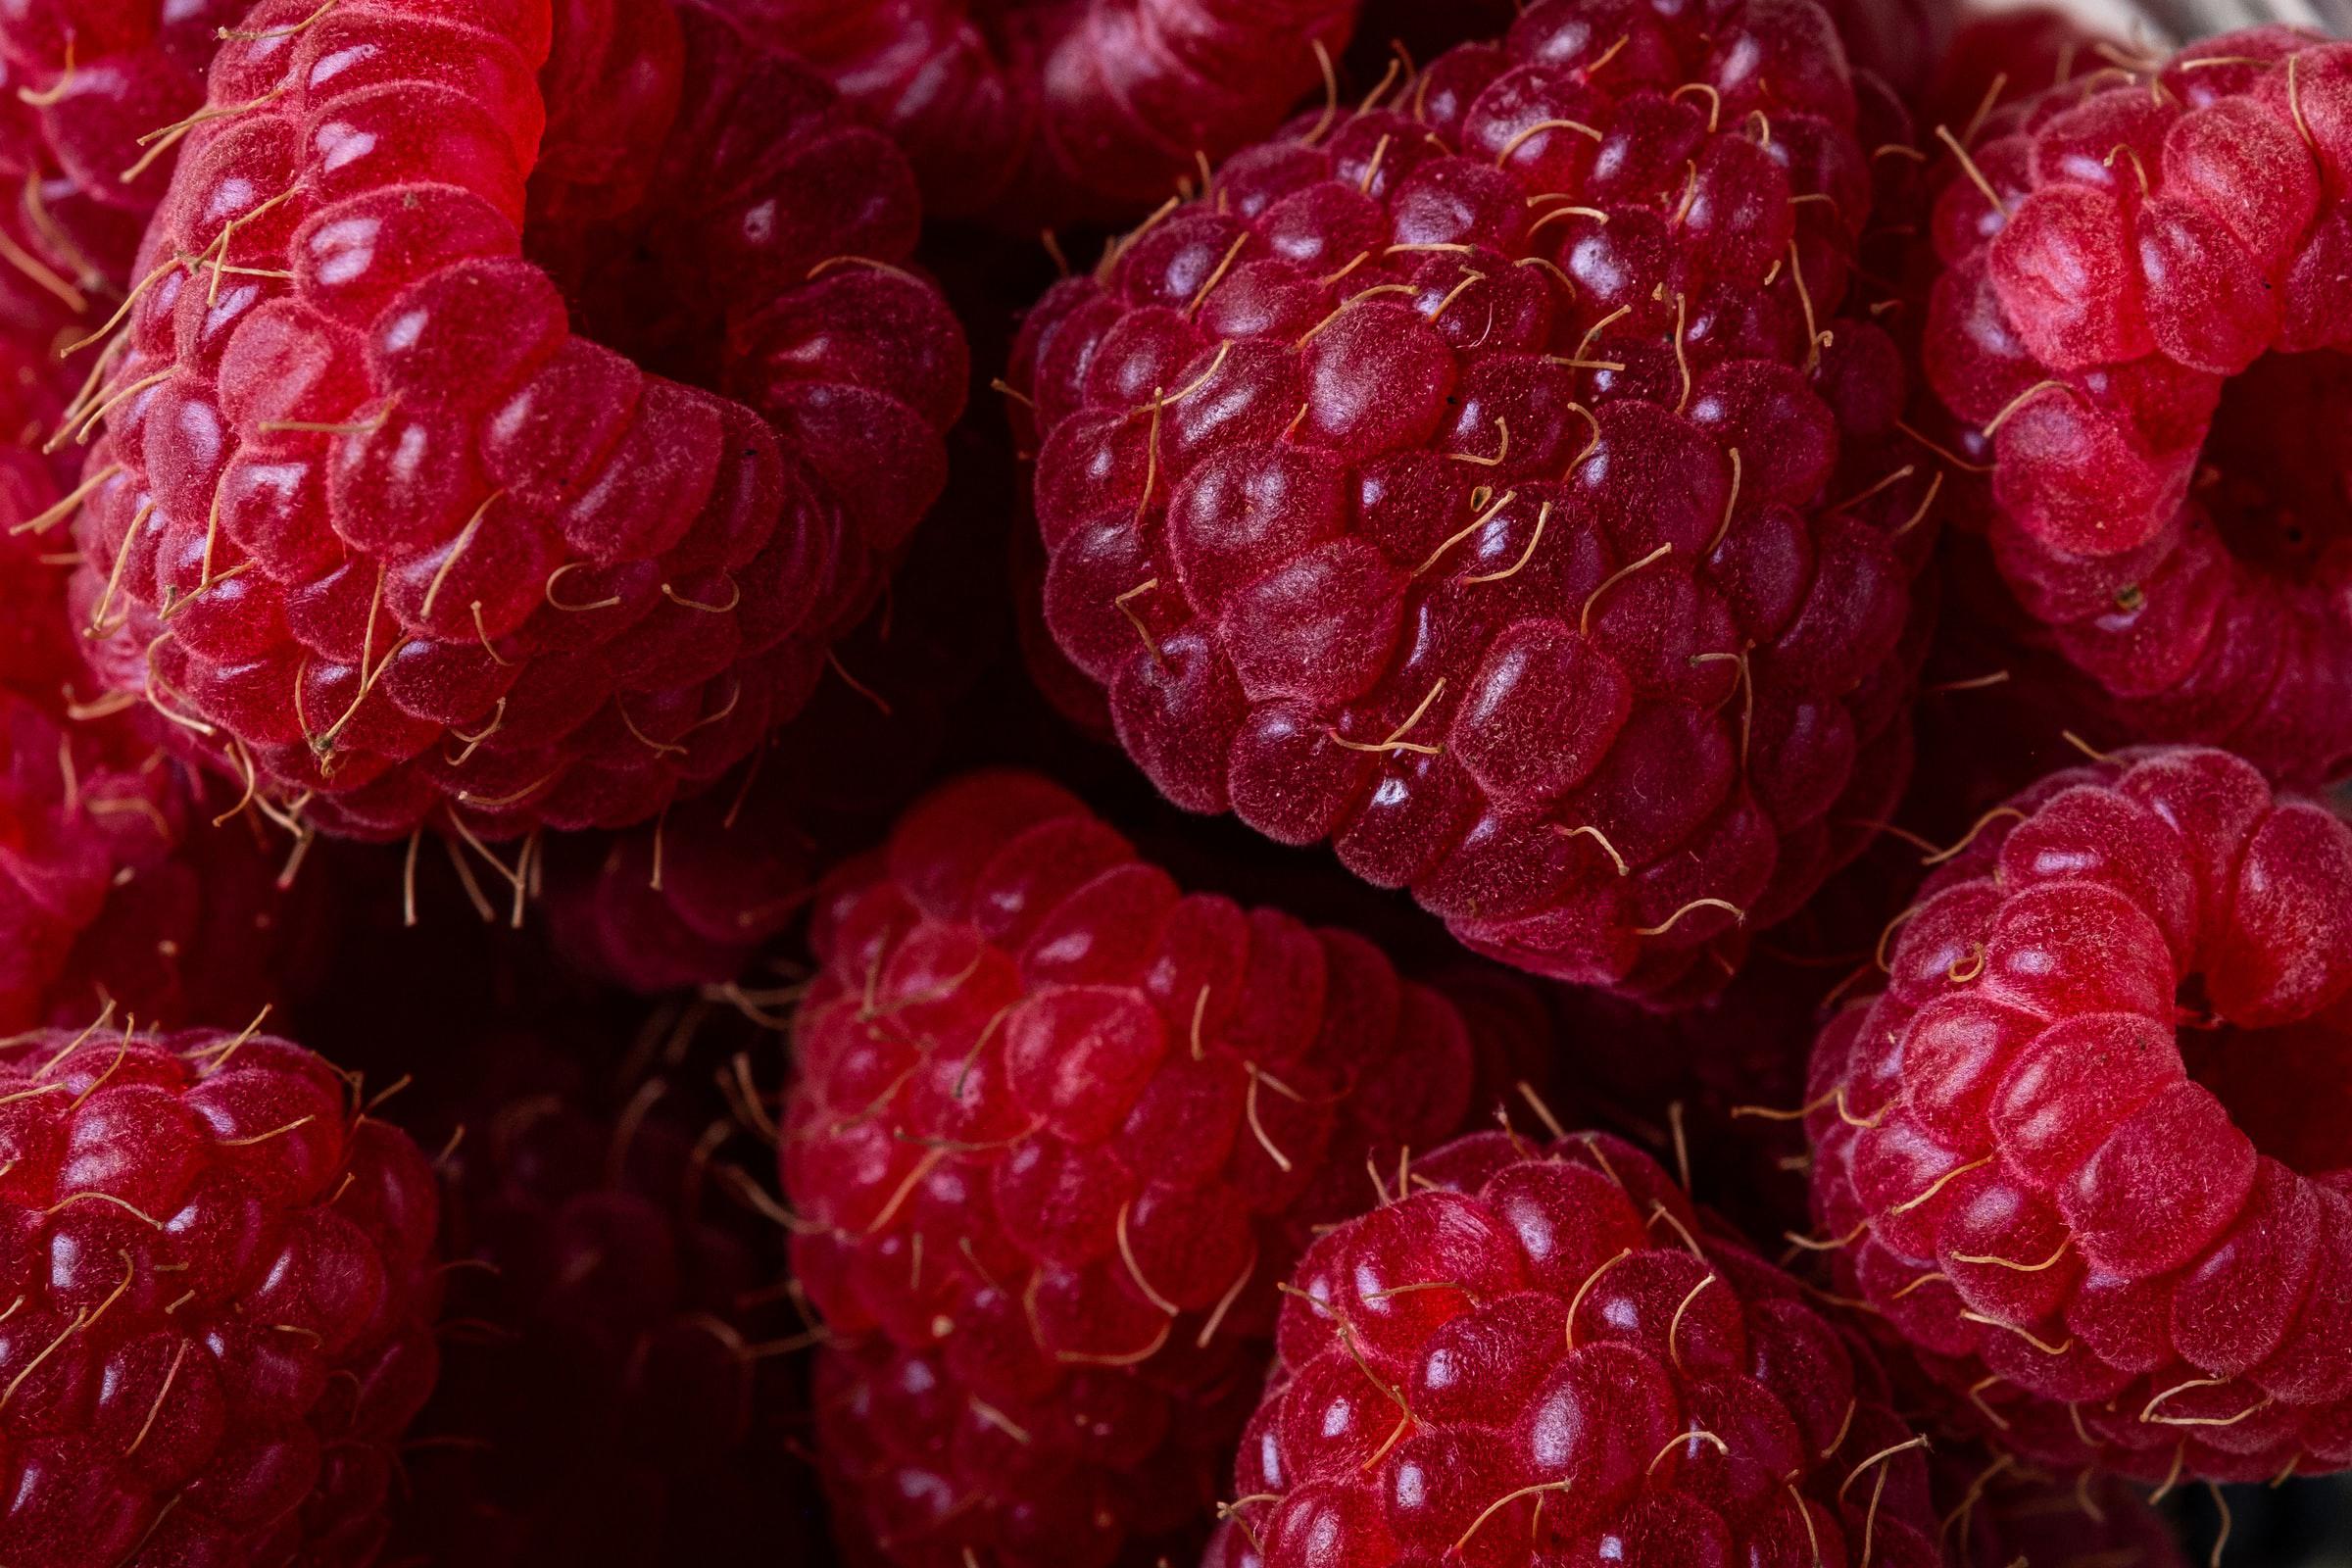 Door County raspberries